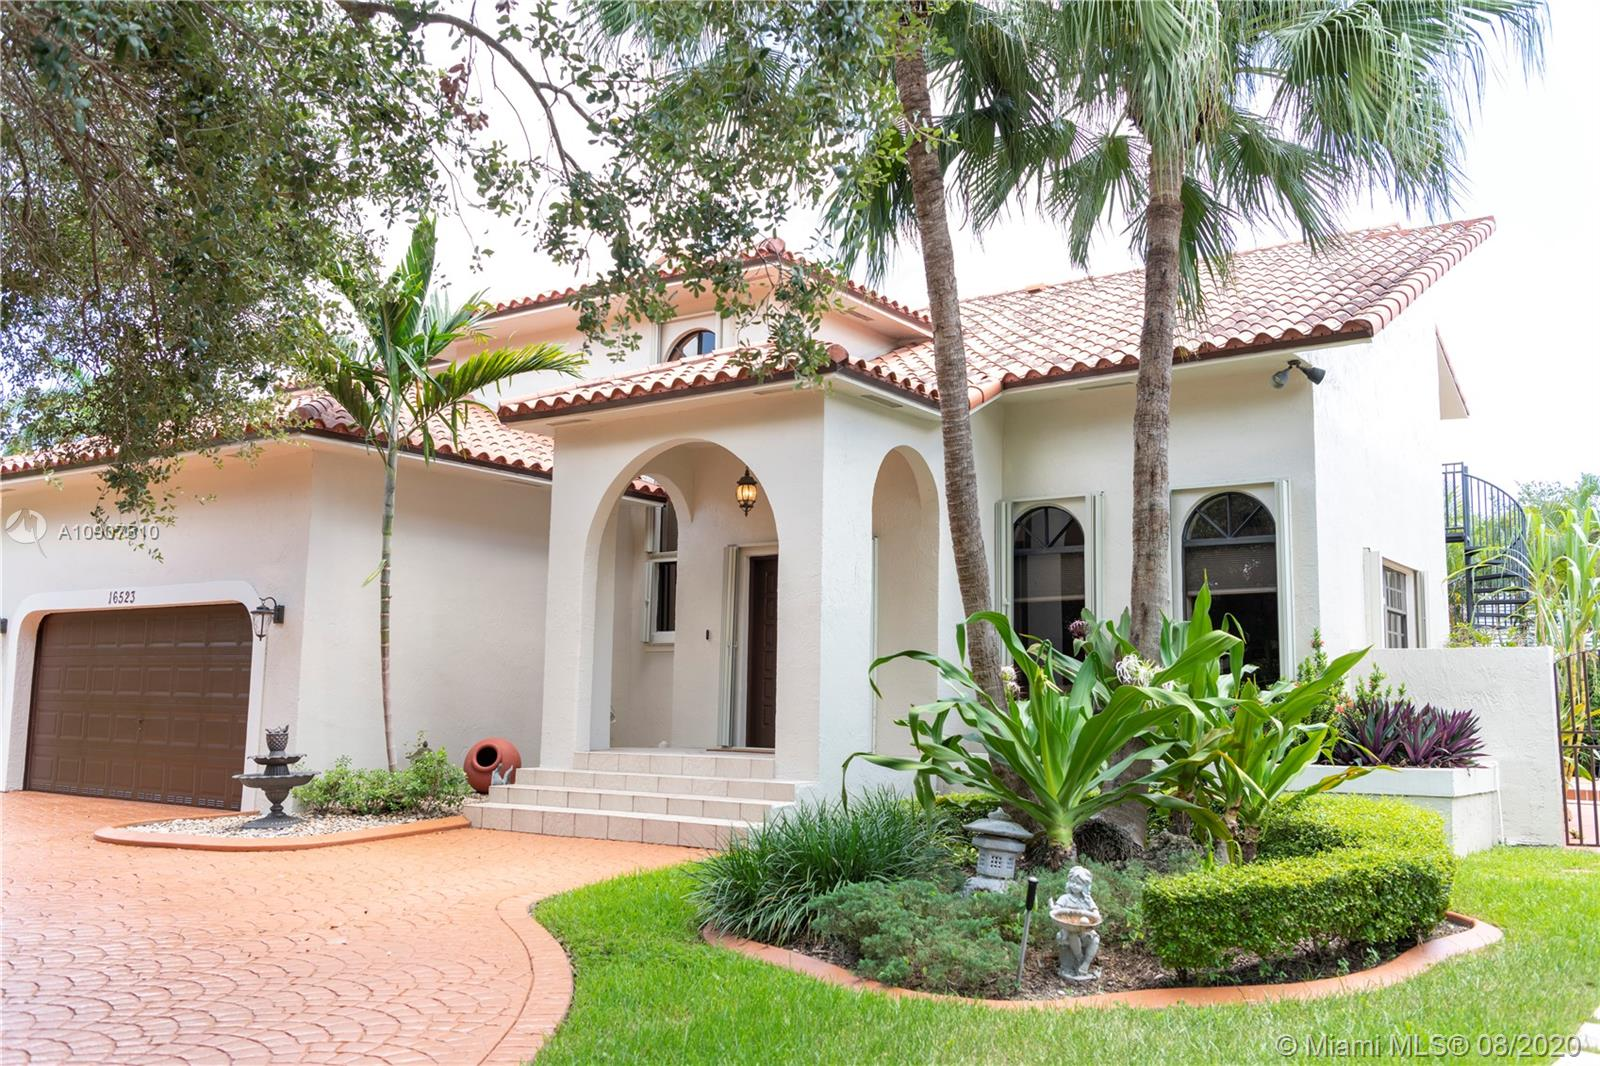 16523 NW 83rd Pl, Miami Lakes FL 33016